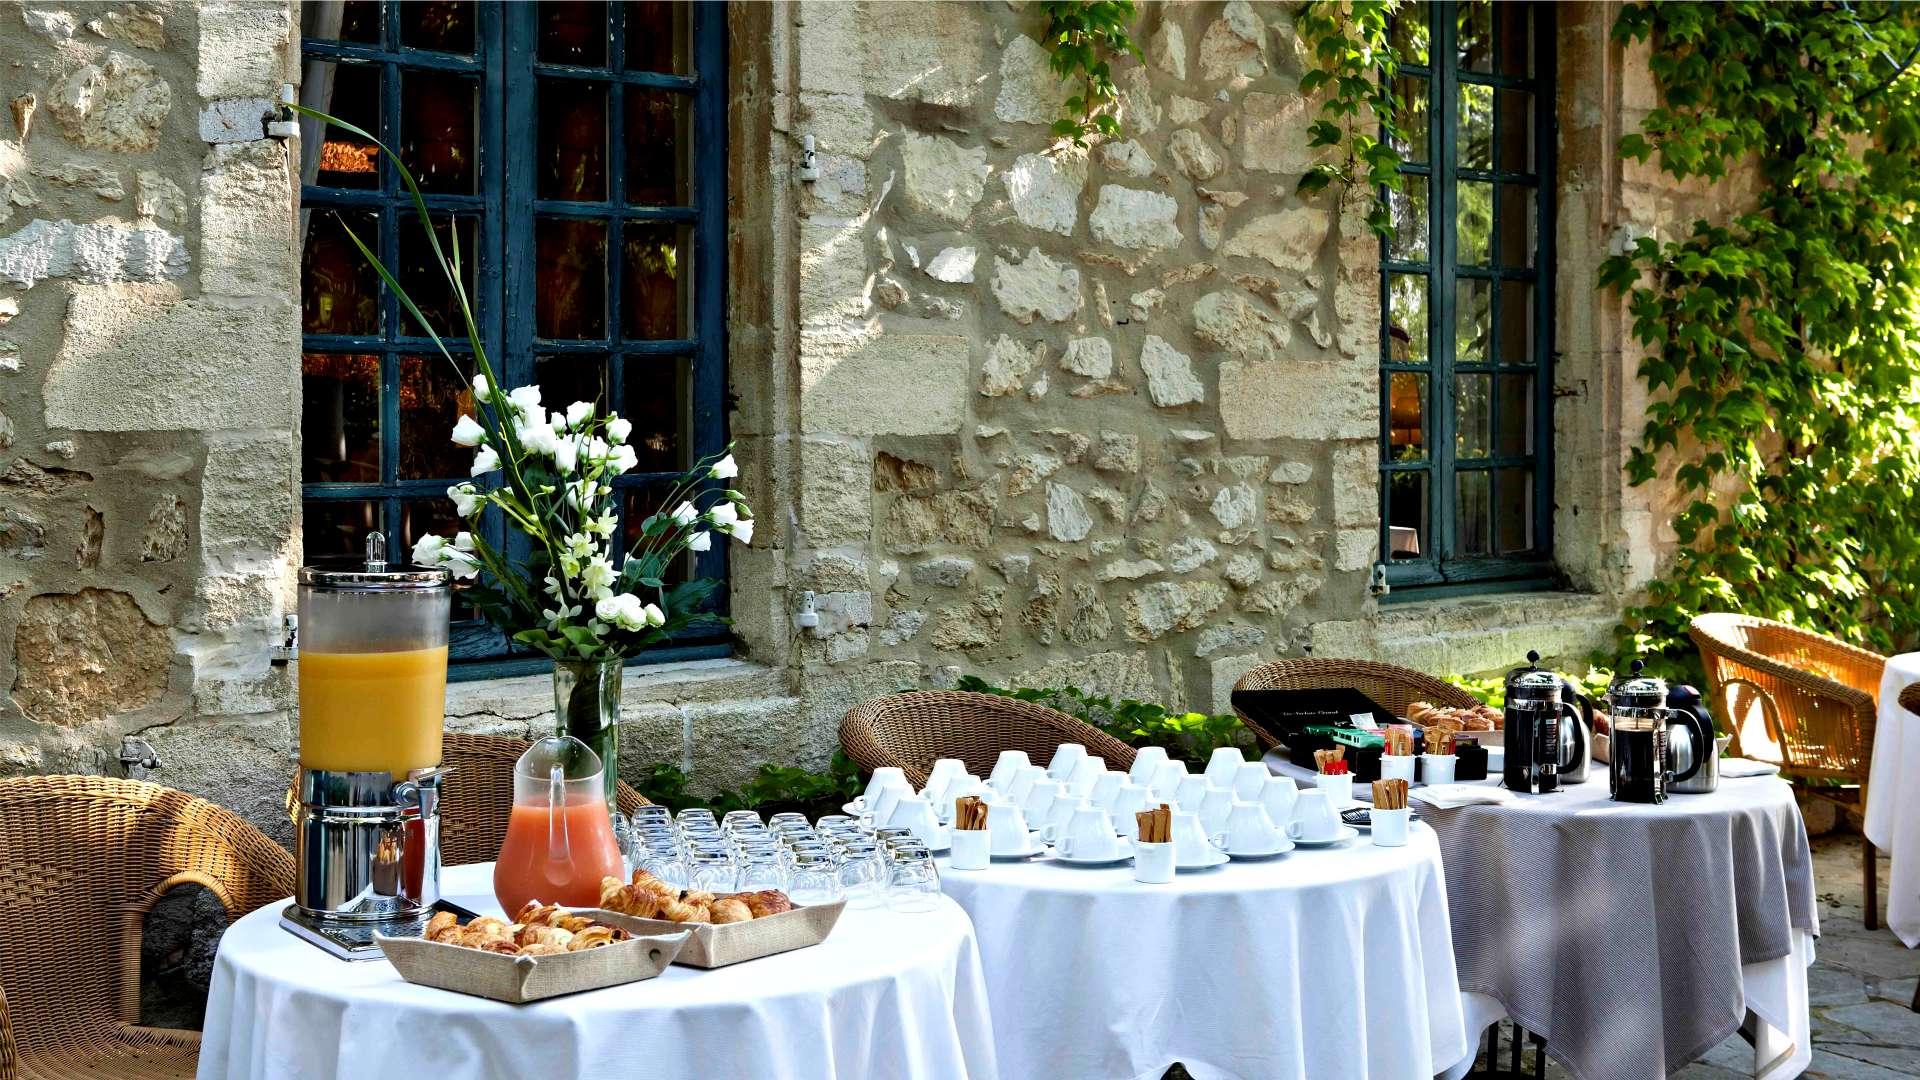 La pause gourmande du Najeti Hôtel la Magnaneraie à Avignon